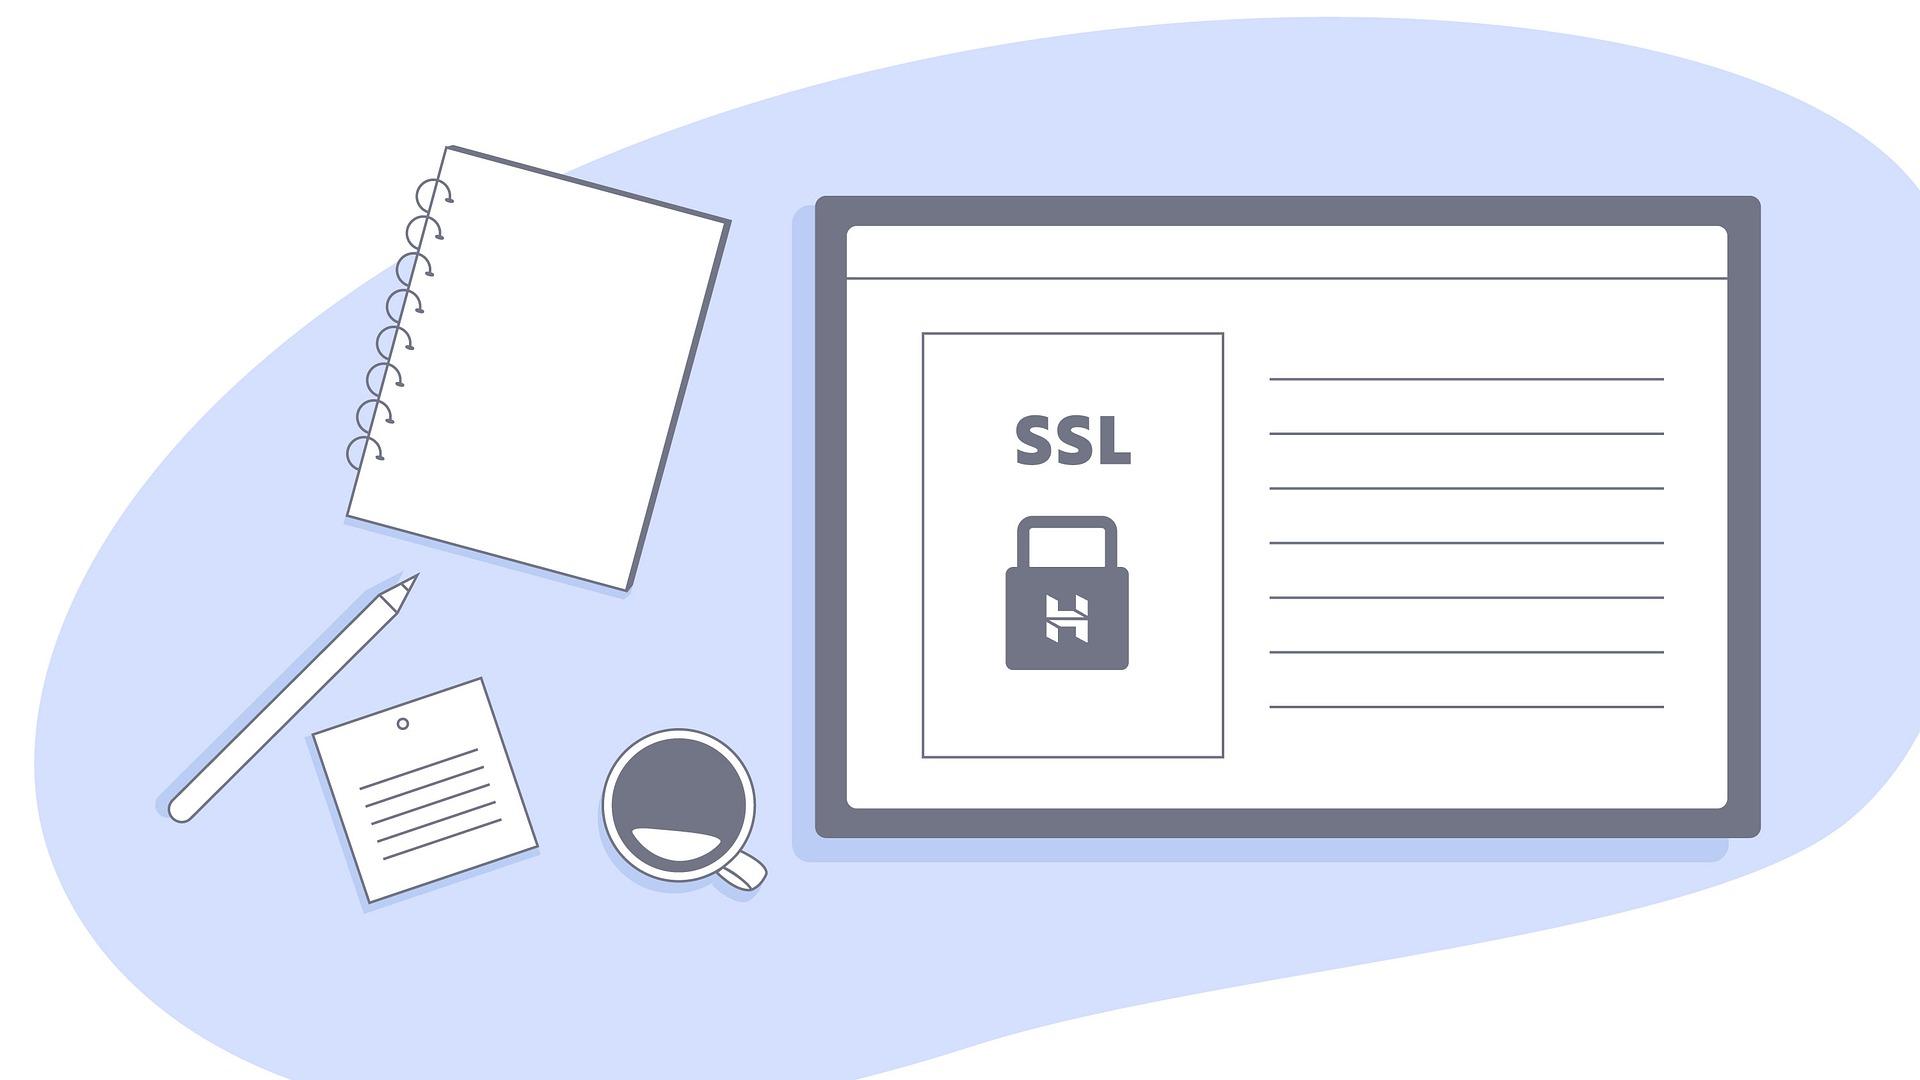 Apa itu SSL? Pentingkah SSL untuk website?